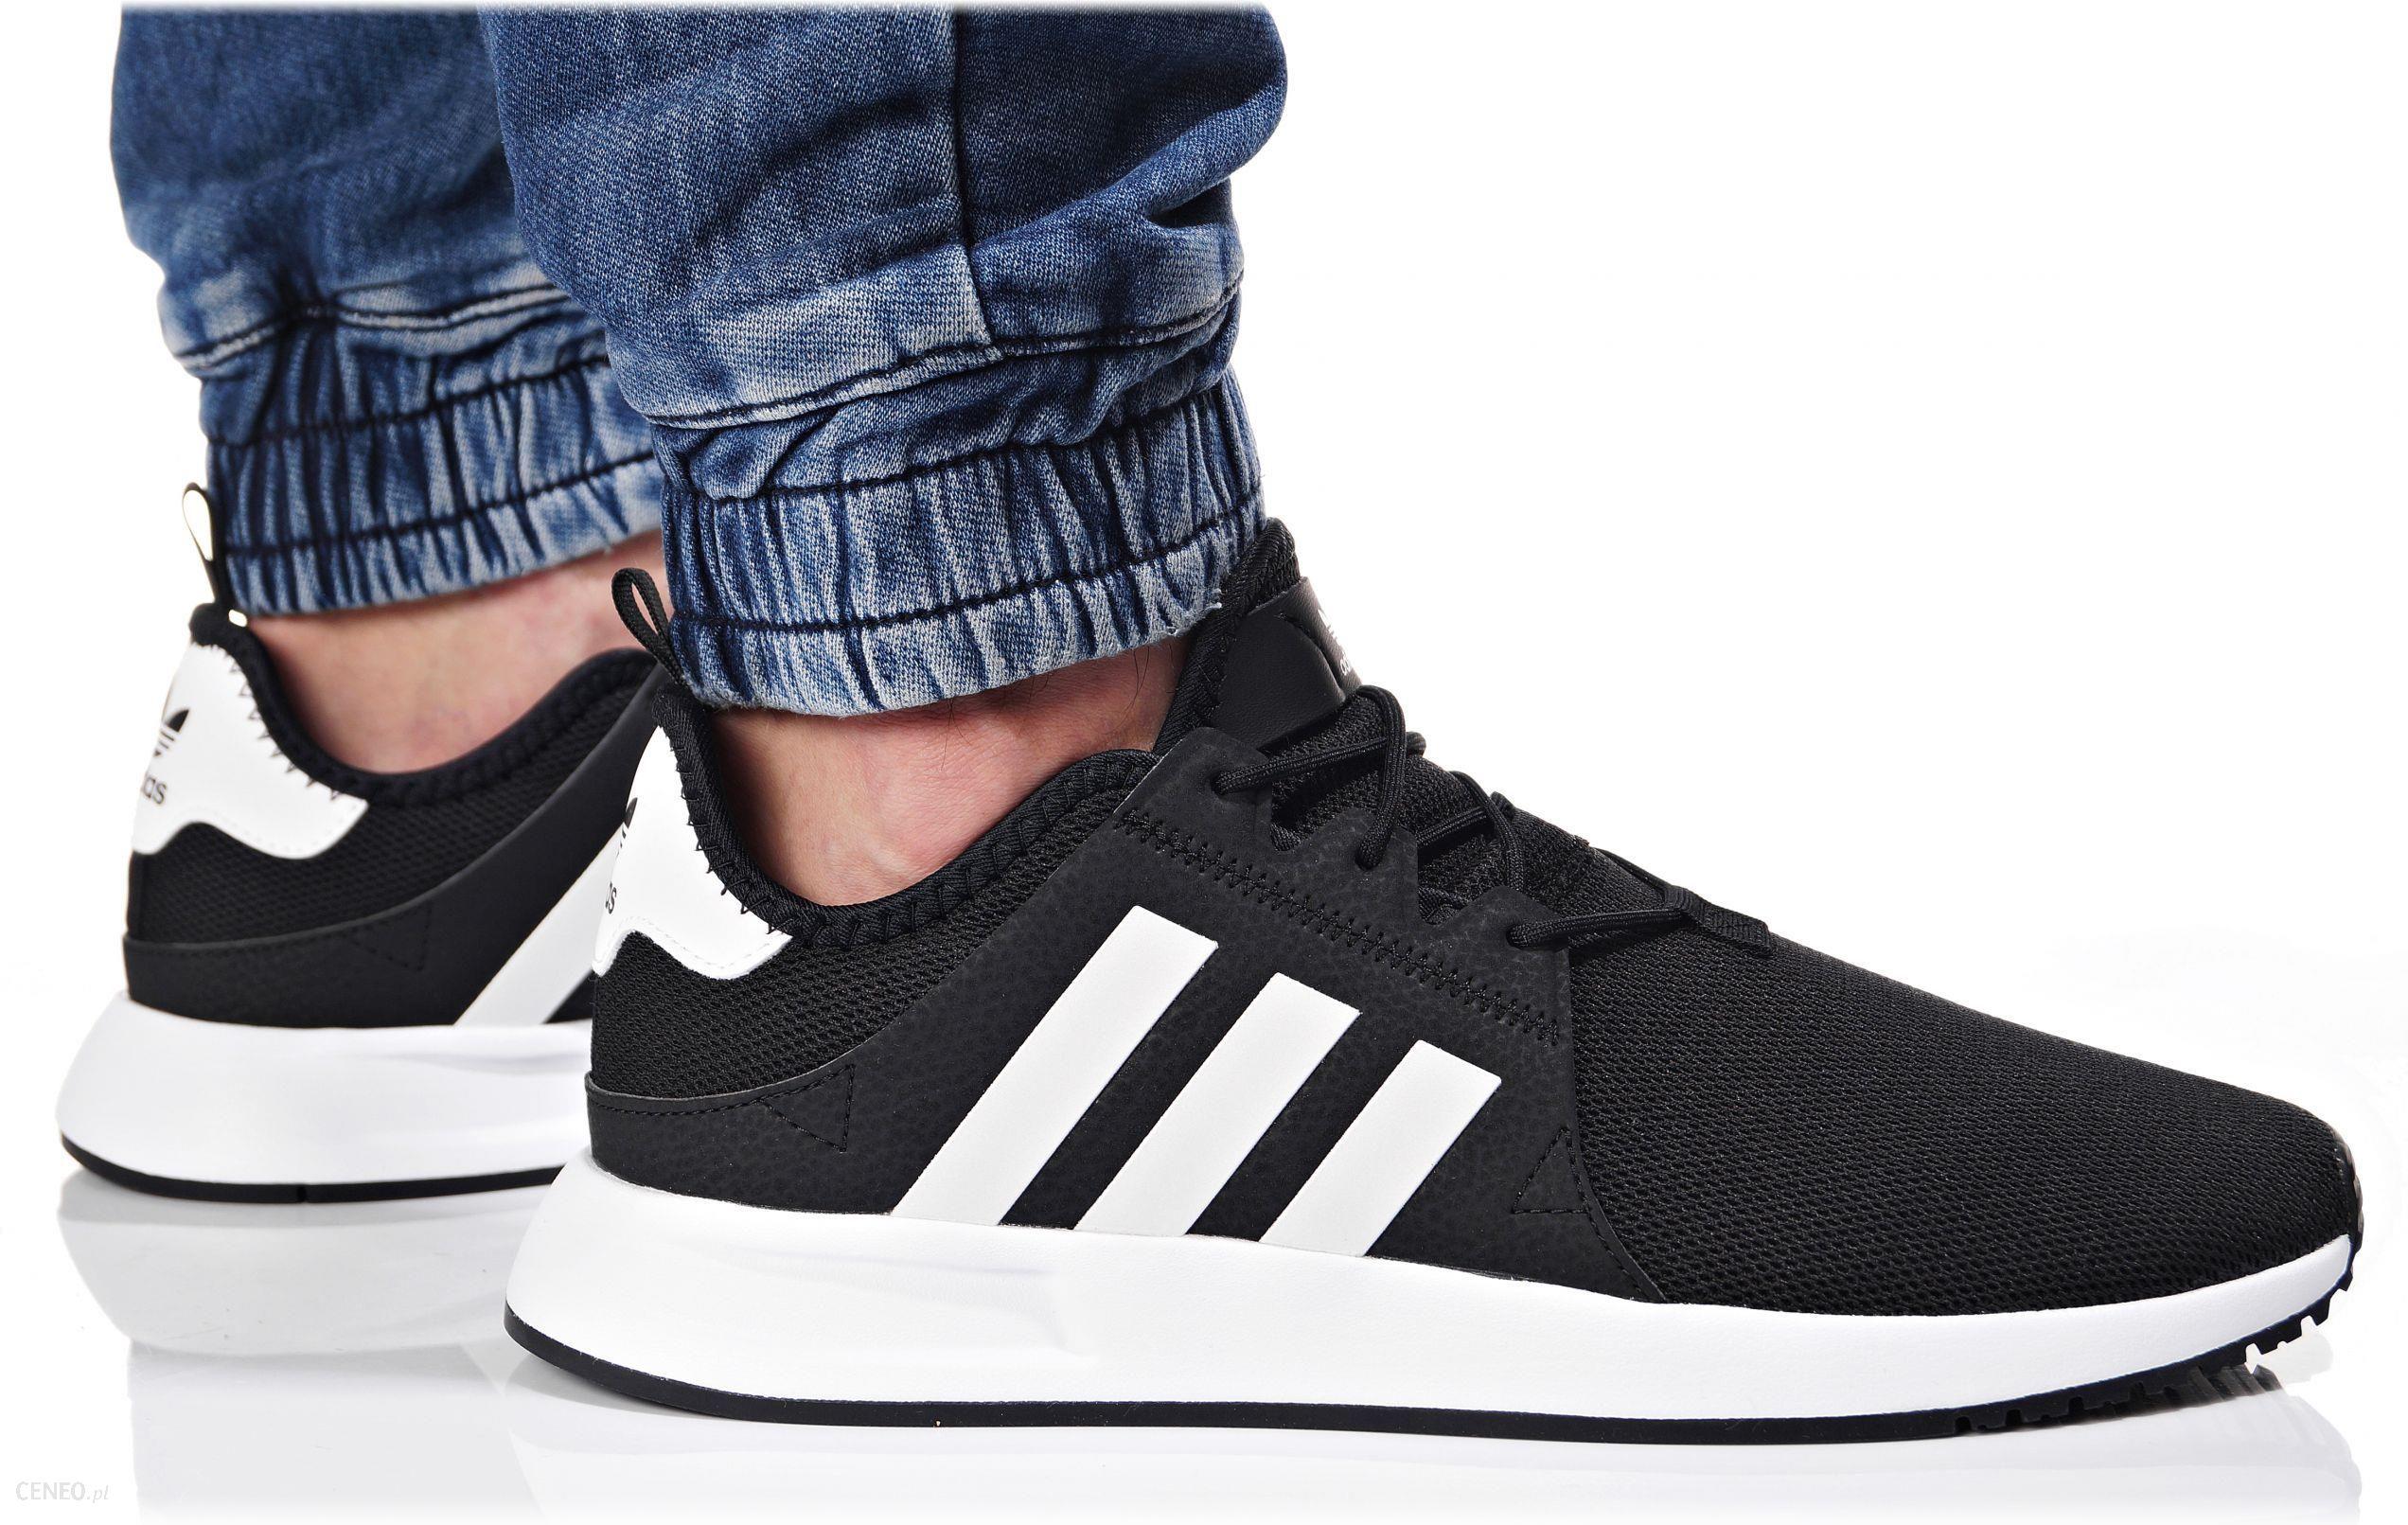 Buty Adidas Męskie X plr BY8688 Czarne Nowość! - Ceny i opinie ... cdf3b76253a